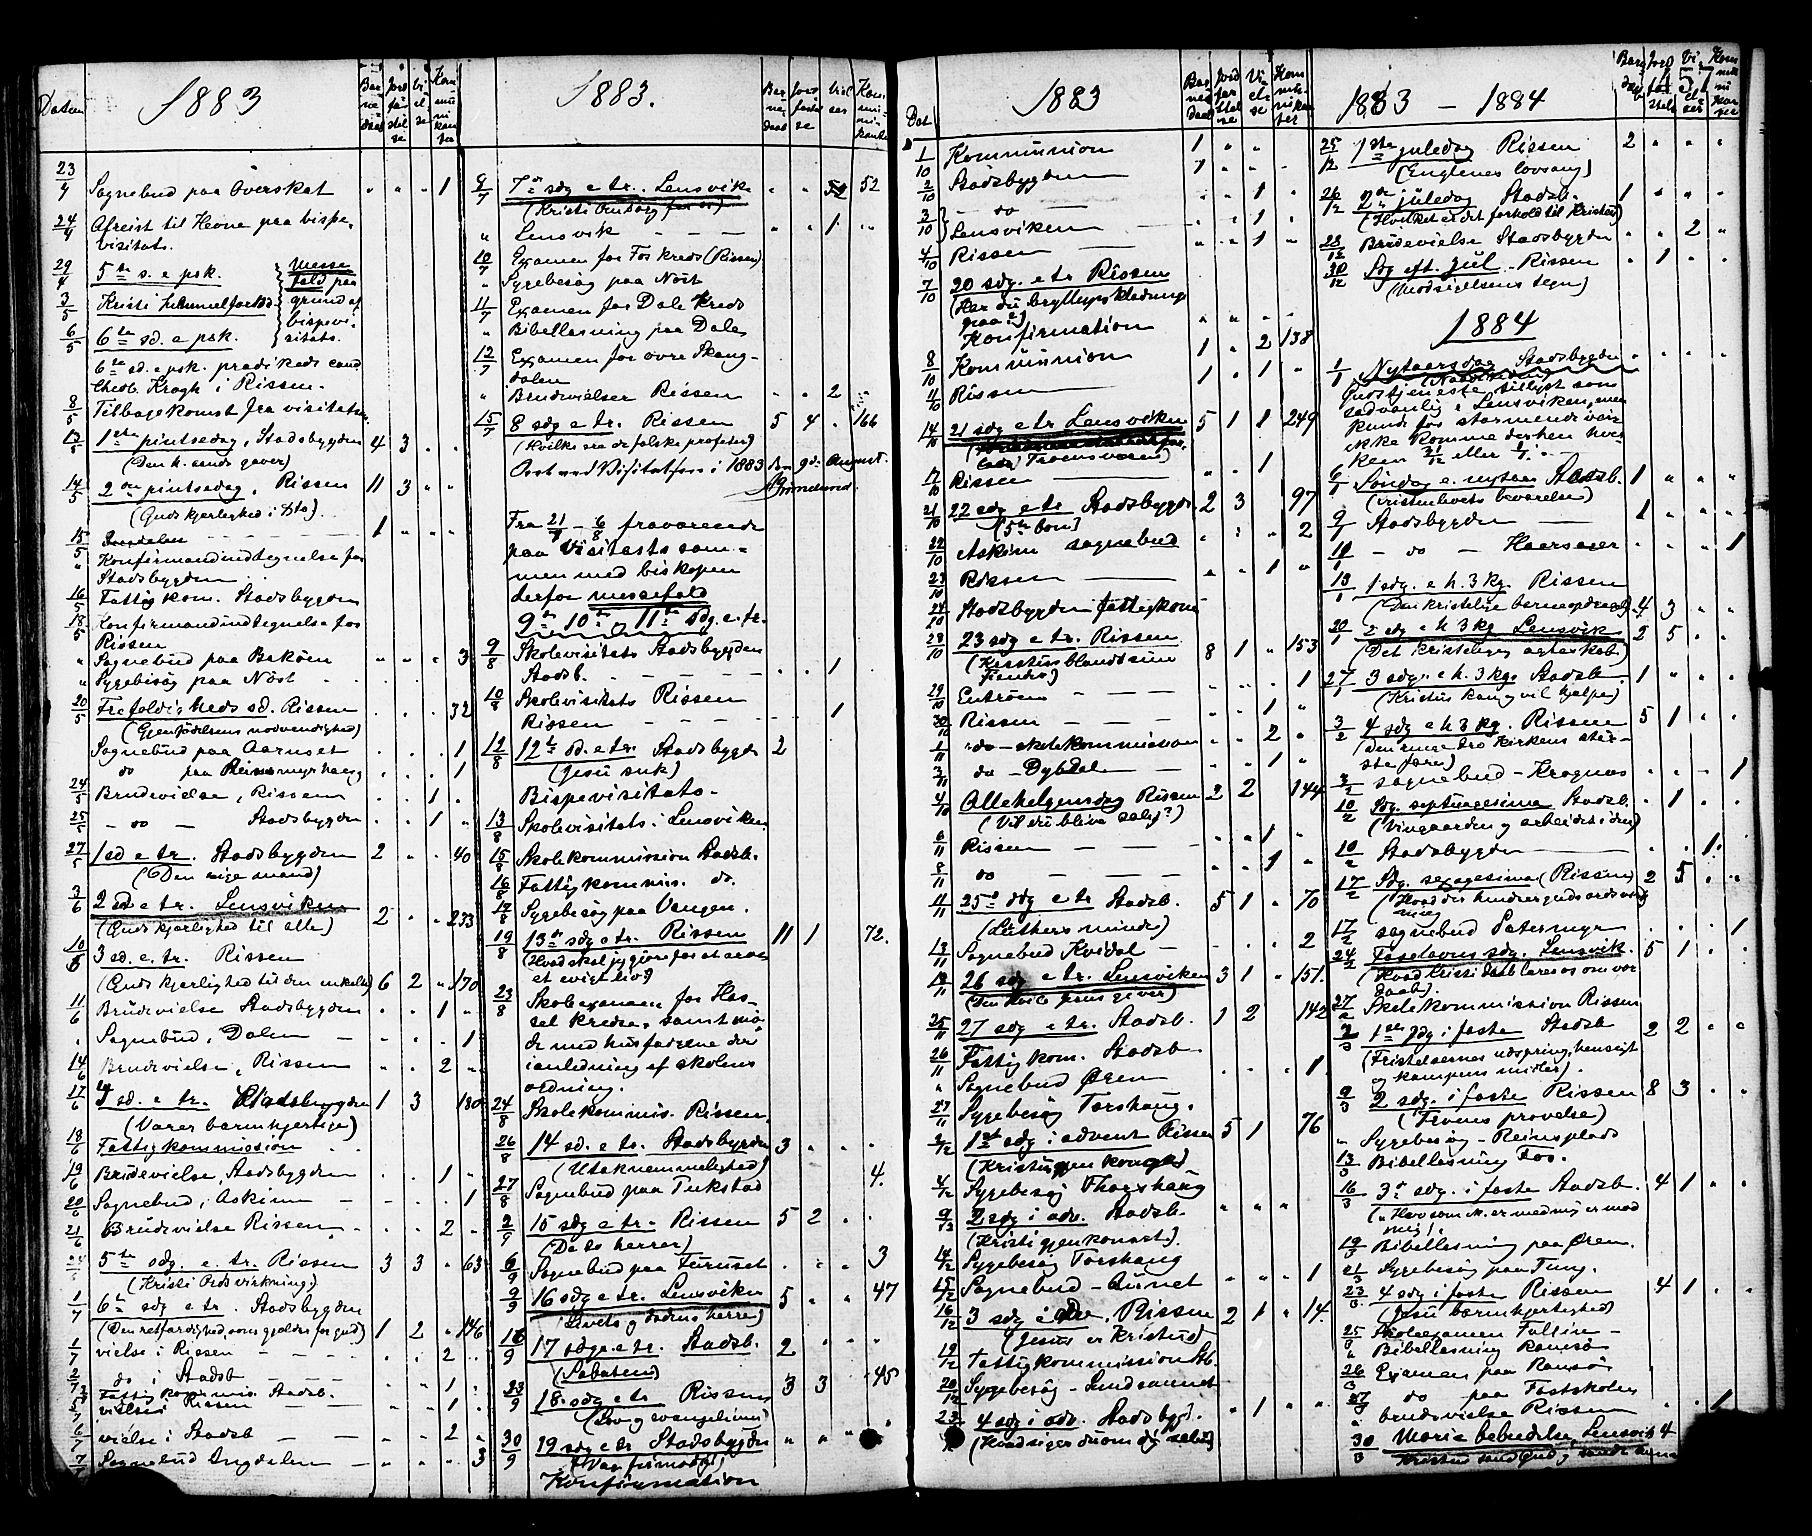 SAT, Ministerialprotokoller, klokkerbøker og fødselsregistre - Sør-Trøndelag, 646/L0613: Ministerialbok nr. 646A11, 1870-1884, s. 457